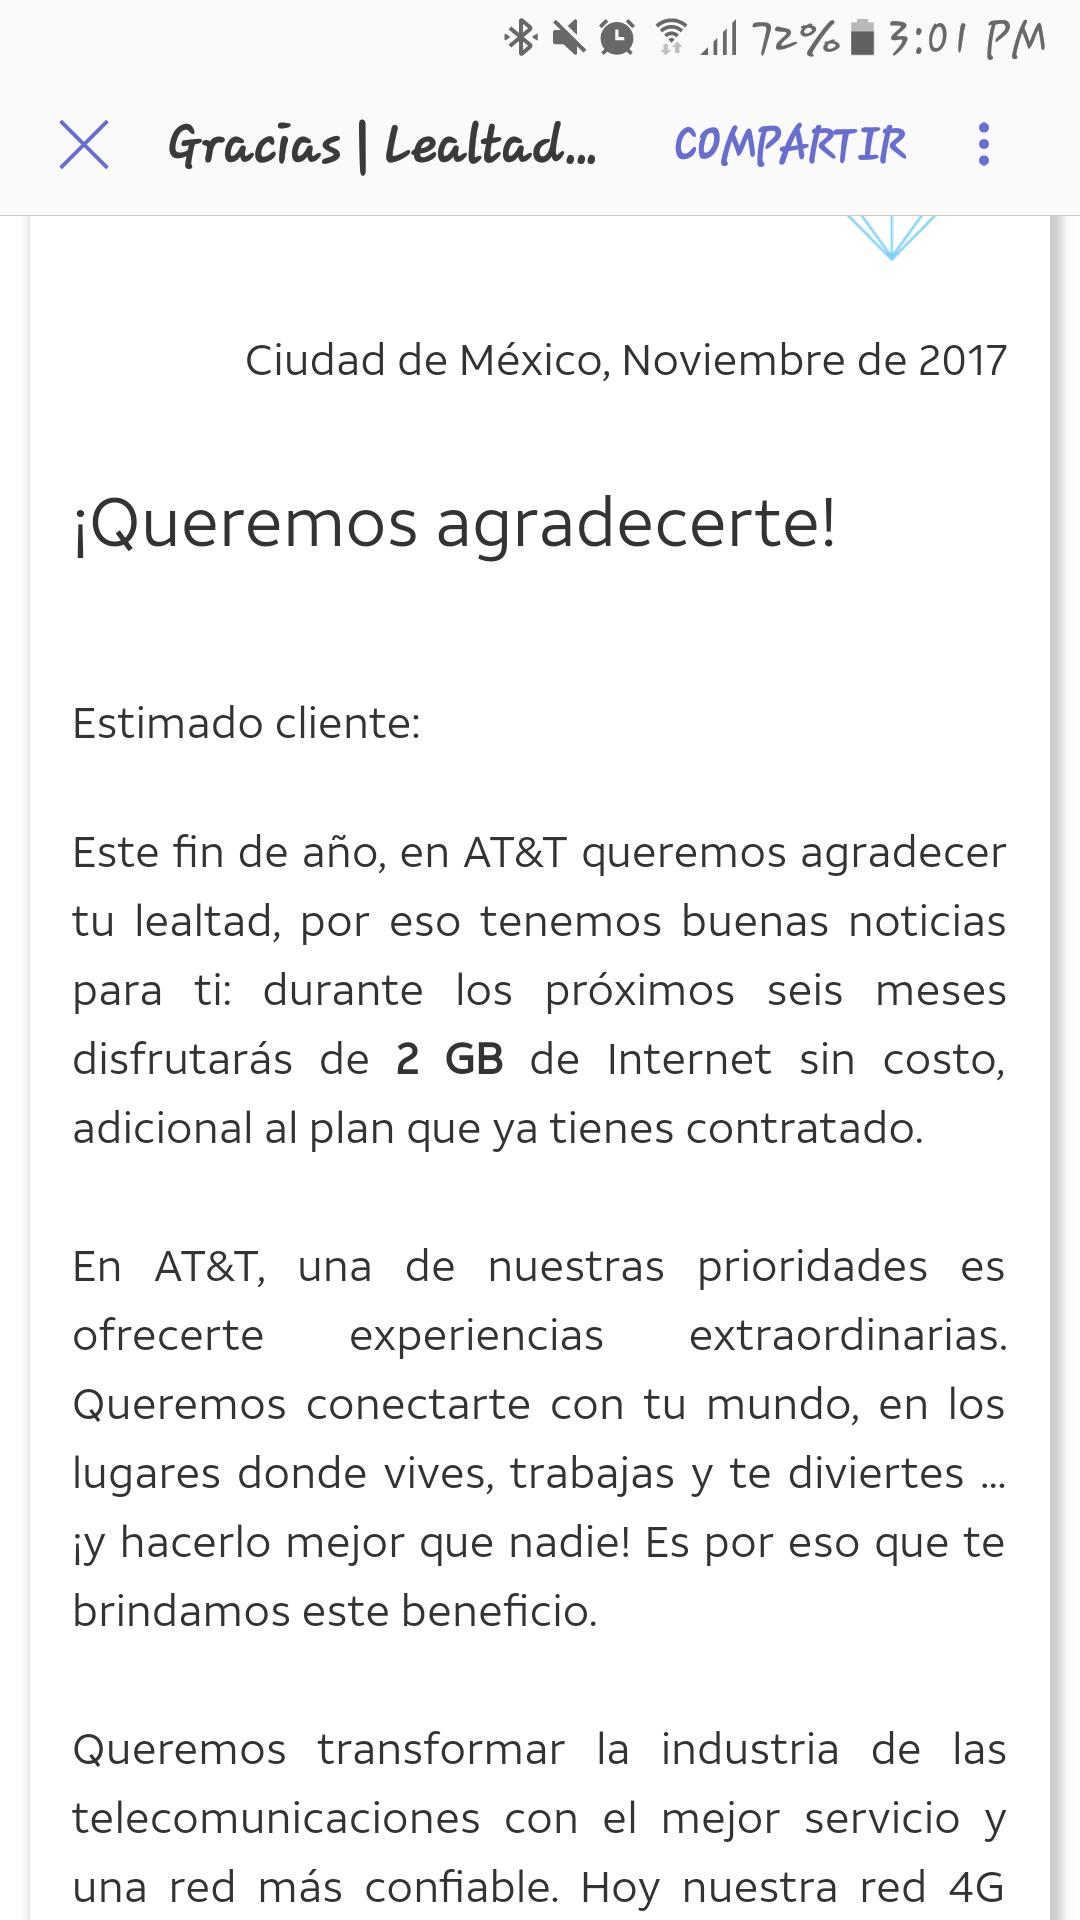 AT&T: 2 Gb  adicionales para los q tienen plan de AT&T pagando renta de $700 o mas y 1Gb para los de $500